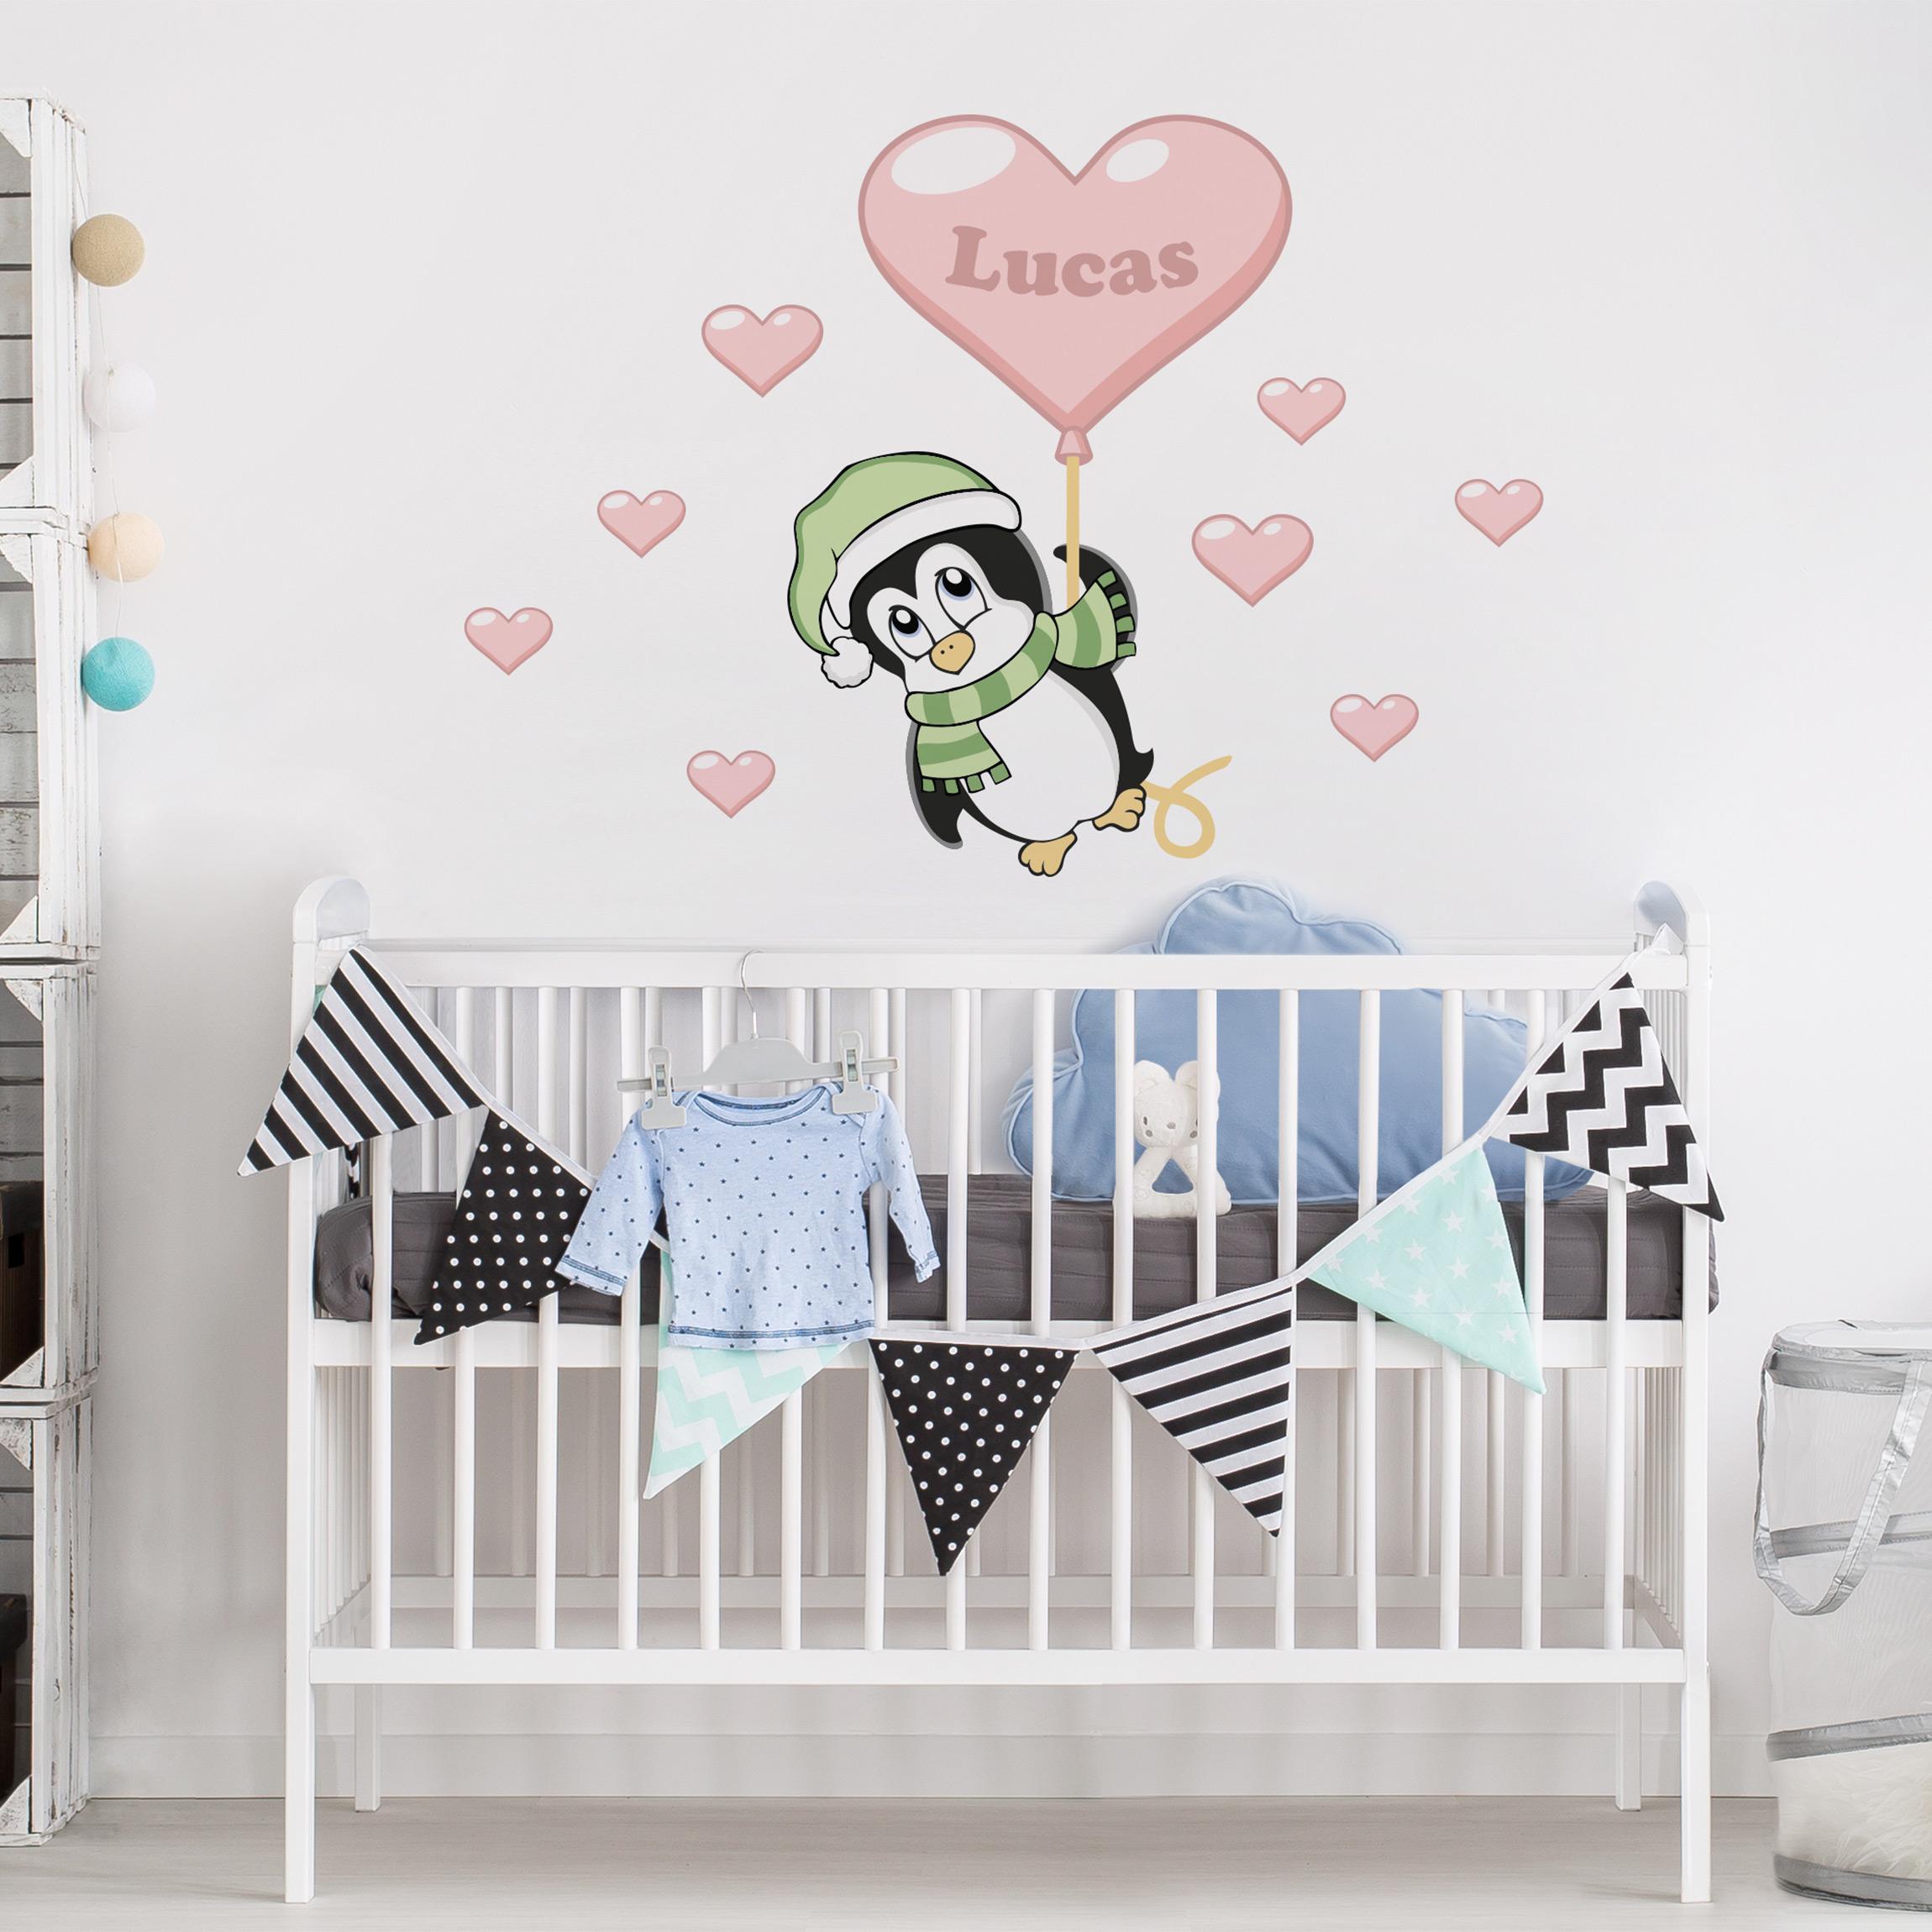 Kinderzimmer Wandtattoo Mit Wunschtext Pinguin Junge Mit Wunschname